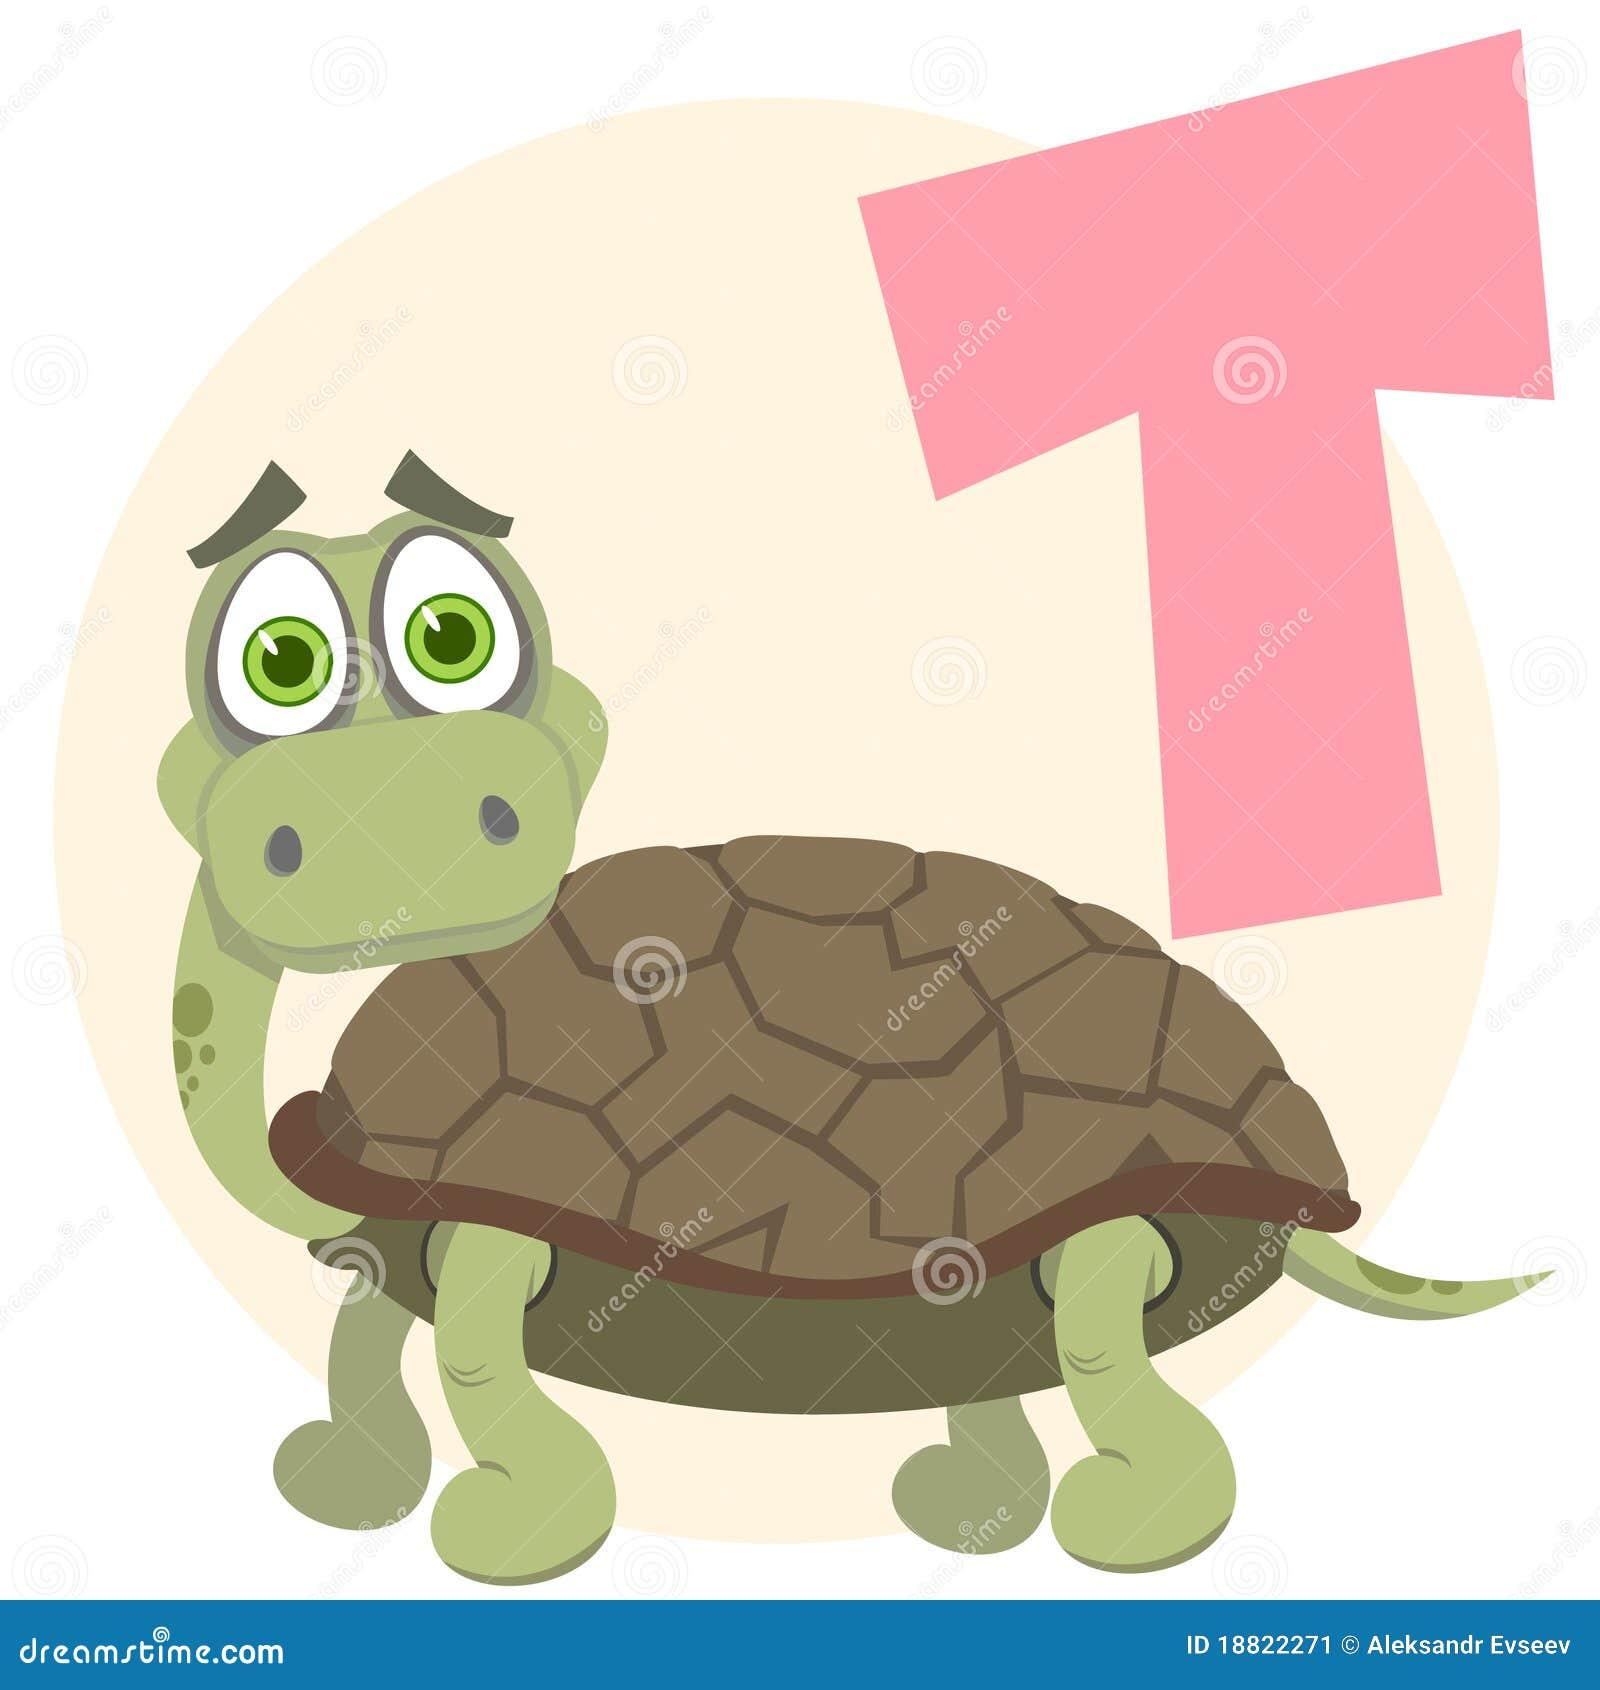 Alfabeto inglese tartaruga immagine stock immagine - Soleggiato in inglese ...